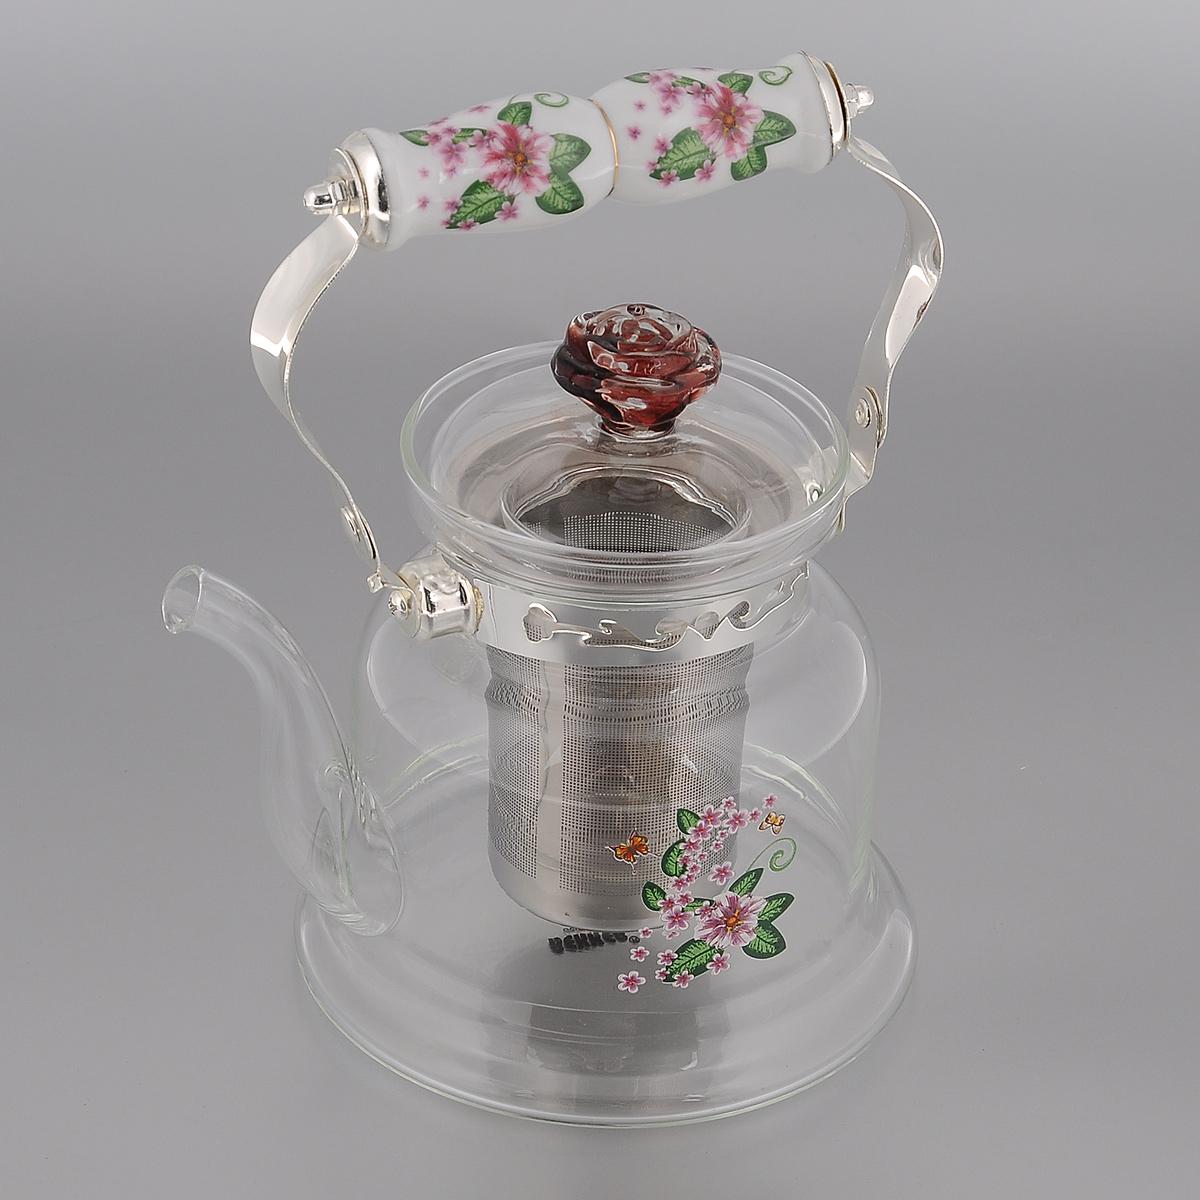 Чайник заварочный Bekker, цвет: белый, розовый, 900 мл. BK-7618BK-7618Заварочный чайник Bekker выполнен из жаростойкого стекла, которое хорошо удерживает тепло. Ручка и съемное ситечко внутри чайника выполнены из высококачественной нержавеющей стали. Высокая ручка чайника, снабженная фарфоровой насадкой, позволяет с легкостью удерживать его на весу. Съемное ситечко для заварки предотвращает попадание чаинок и листочков в настой. Заварочный чайник украшен изящным рисунком, что придает ему элегантность. Заварочный чайник из стекла удобно использовать для повседневного заваривания чая практически любого сорта. Но цветочные, фруктовые, красные и желтые сорта чая лучше других раскрывают свой вкус и аромат при заваривании именно в стеклянных чайниках и сохраняют полезные ферменты и витамины, содержащиеся в чайных листах. Подходит для использования на газовой плите и чистки в посудомоечной машине. Диаметр чайника (по верхнему краю): 9 см. Высота чайника (без учета крышки): 13,5 см.